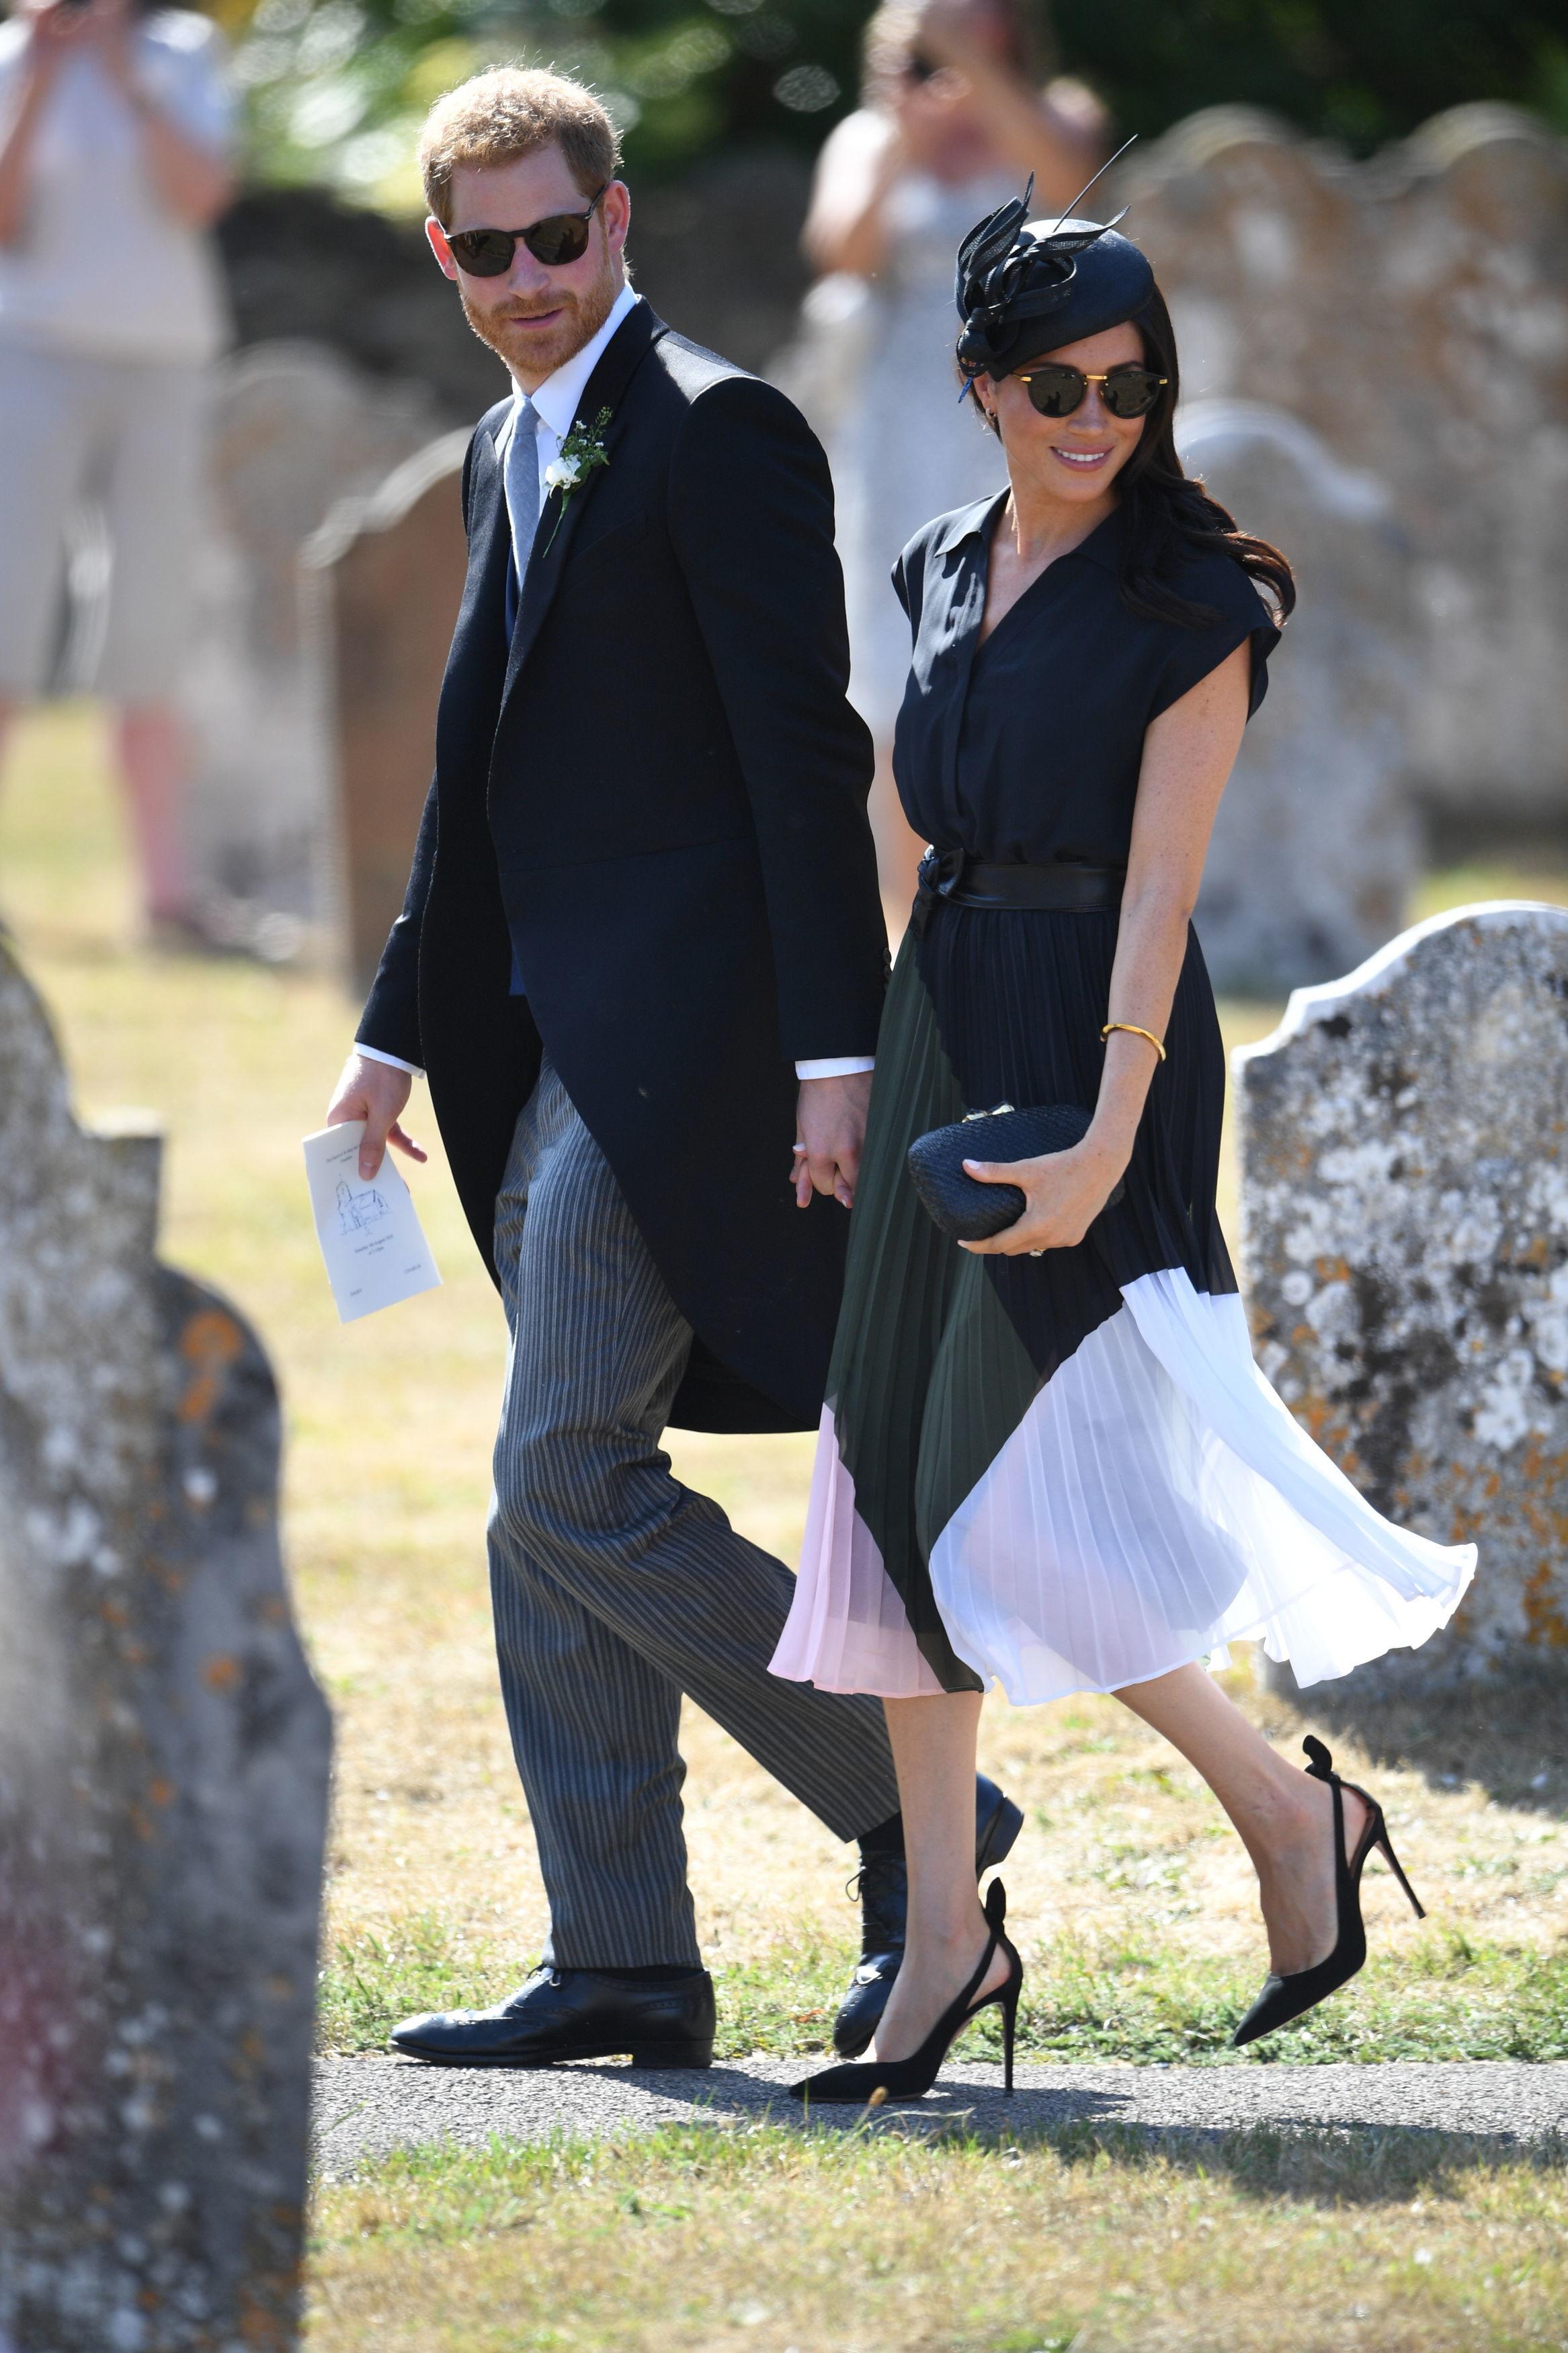 Lên đồ đi đám cưới, Kate Middleton tinh tế - Meghan Markle phản cảm khi hết lộ nội y đến vô duyên lấn át cô dâu - Ảnh 1.